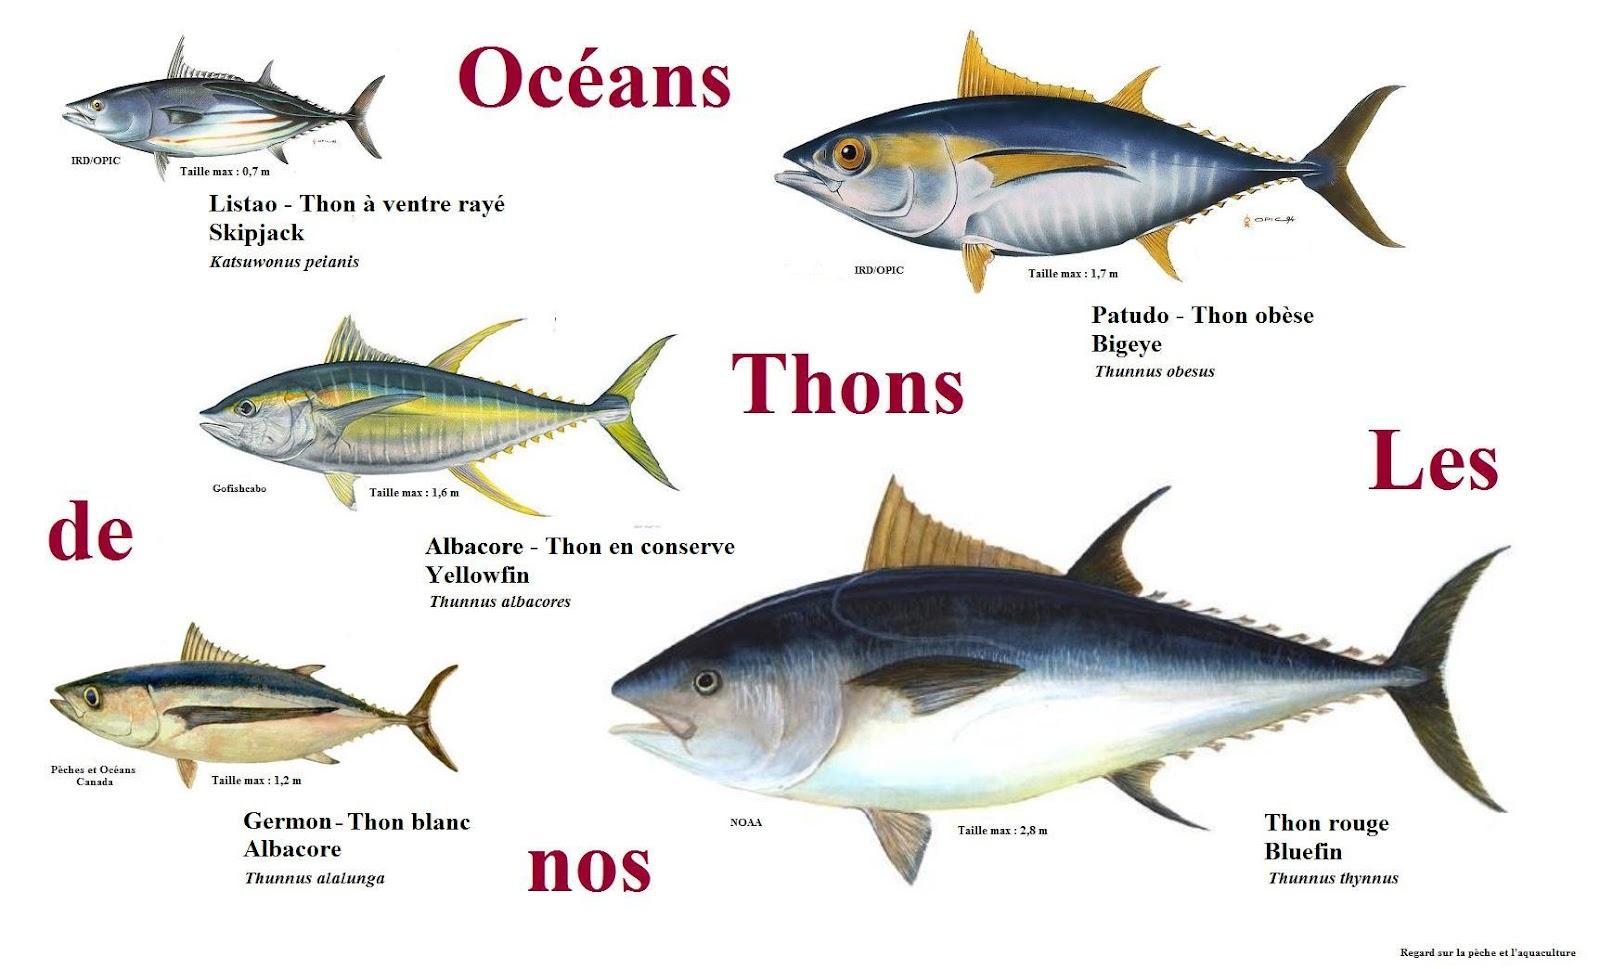 beaucoup plus de poissons datant du site du Royaume-Uni rencontres gratuites en République tchèque